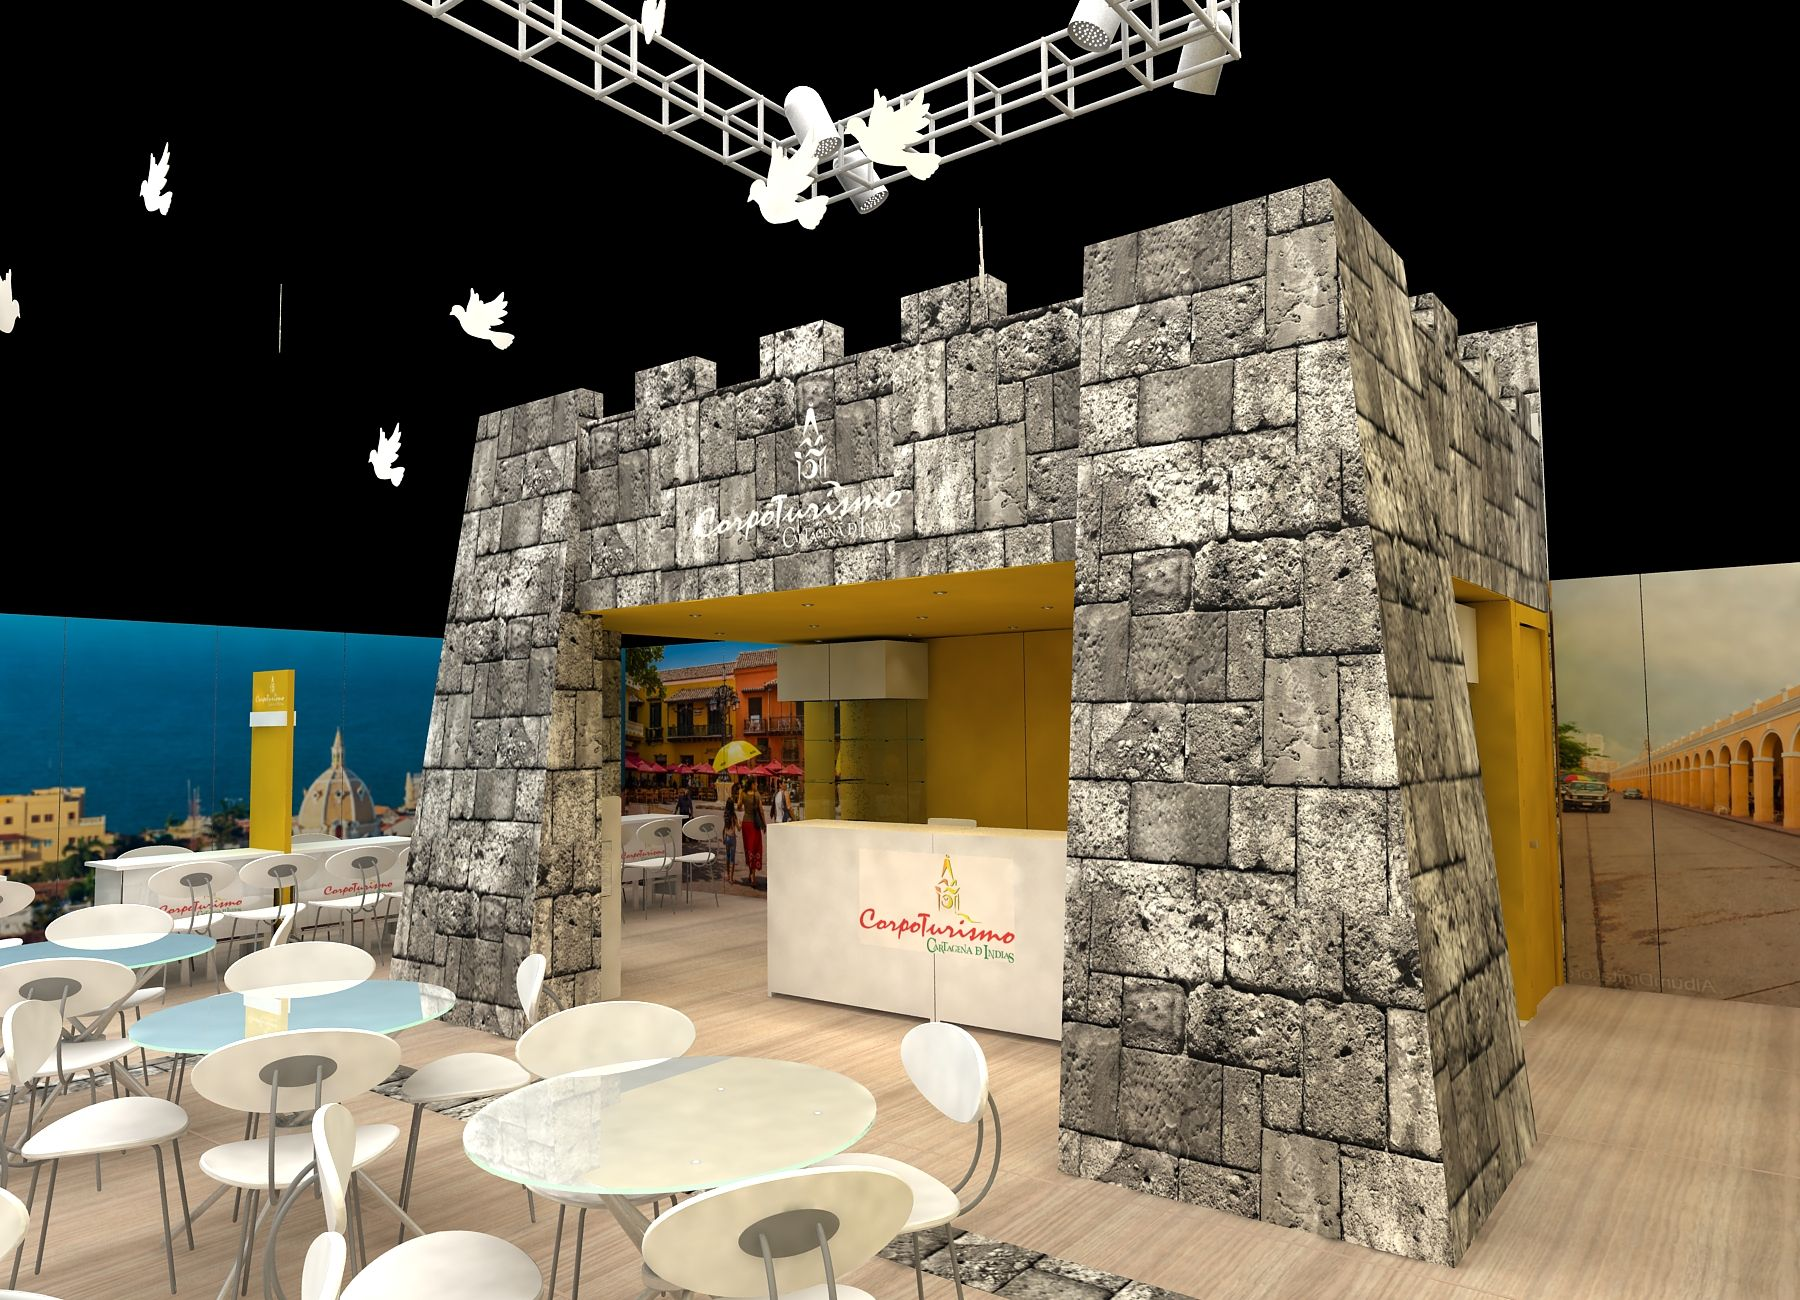 Muebles pizano cartagena obtenga ideas dise o de muebles para su hogar aqu - Muebles de cocina en cartagena ...